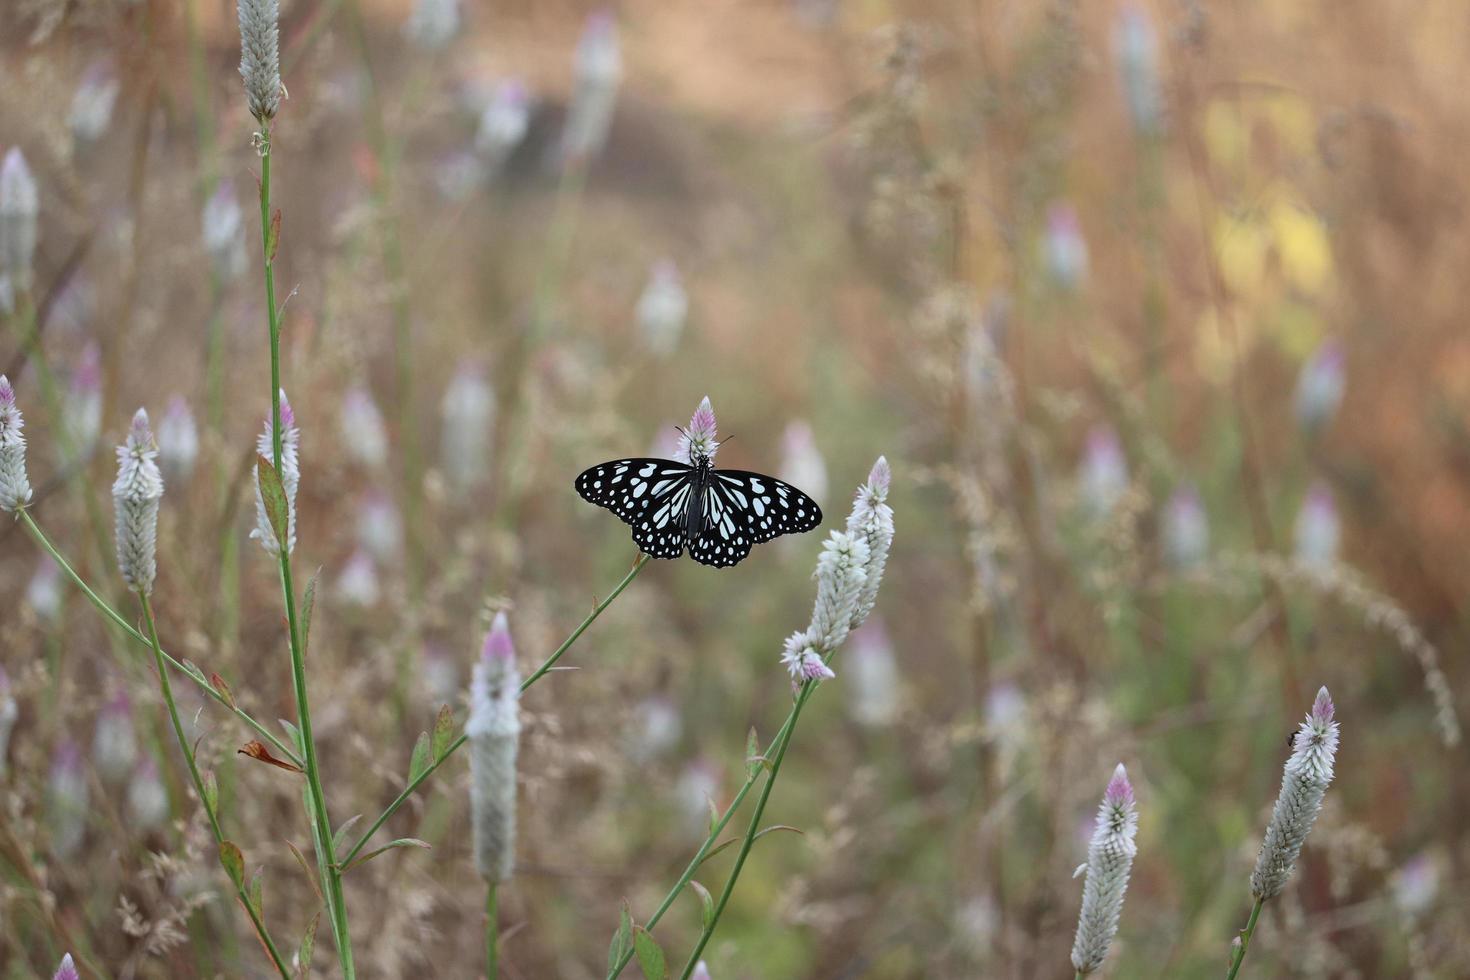 papillon sur plante dans le champ photo